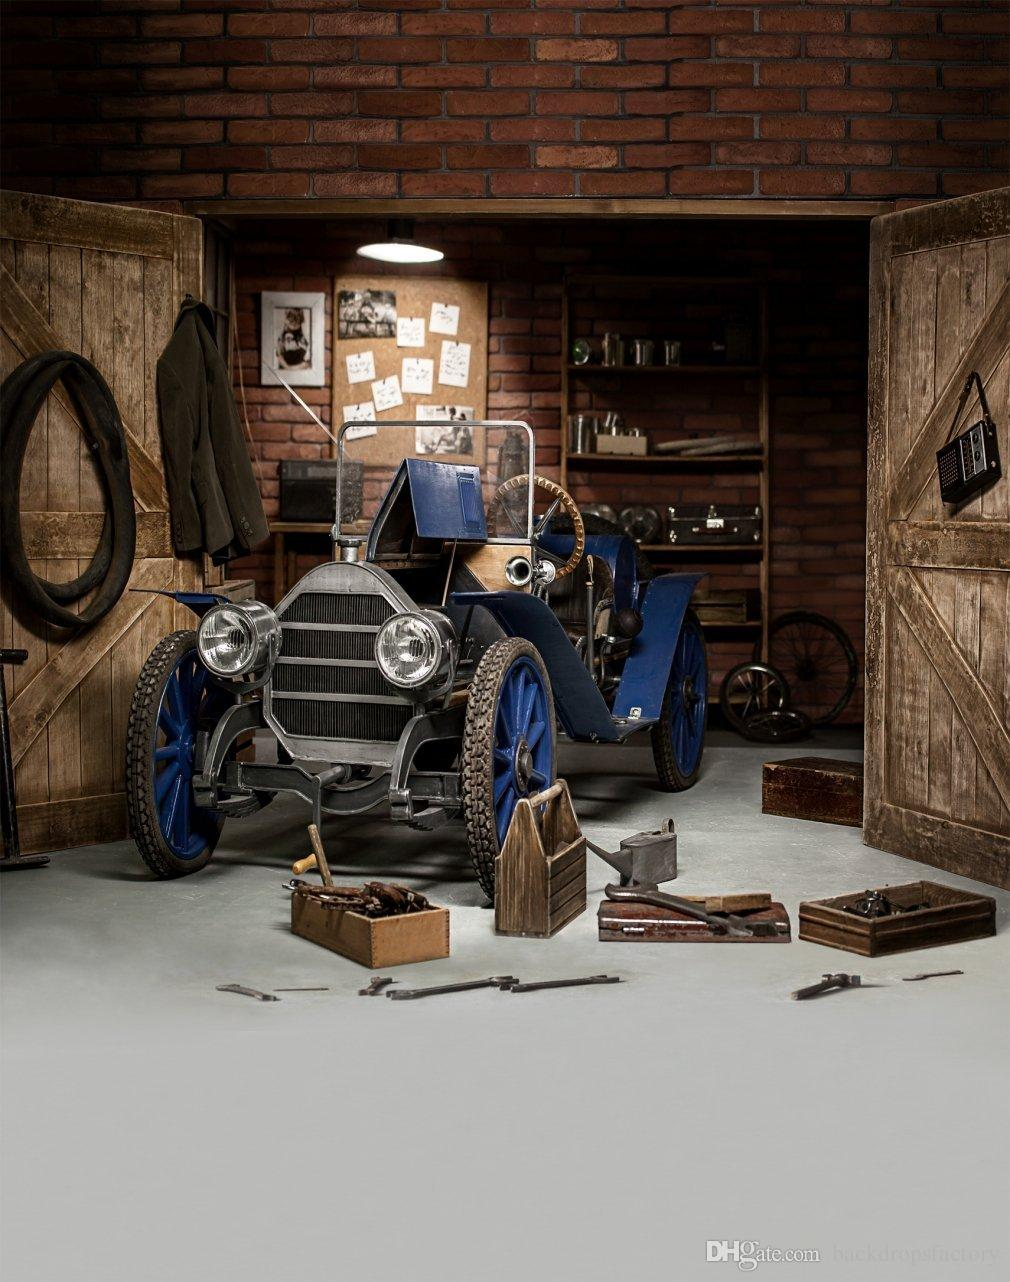 Acheter Vintage Garage Photographie Toile De Fond Bleu